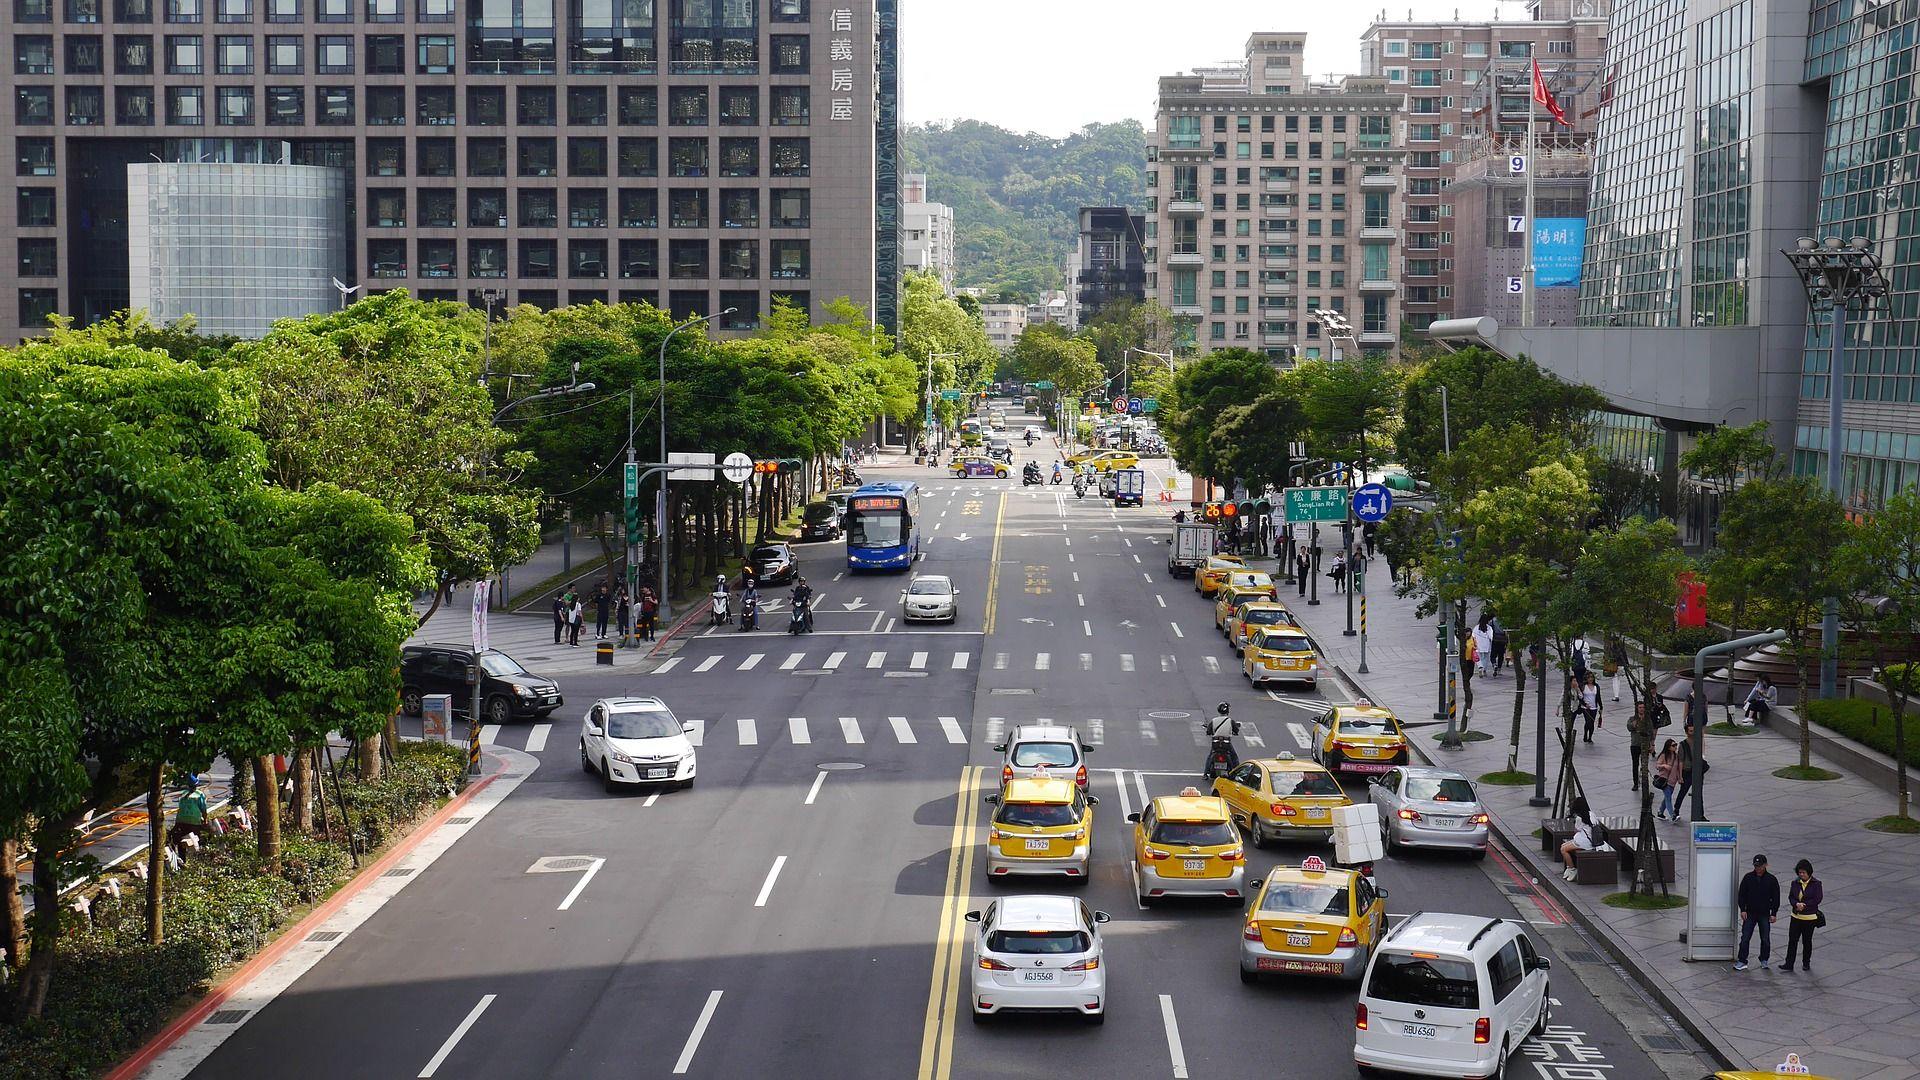 ▲台北。(圖/取自免費圖庫pixabay)